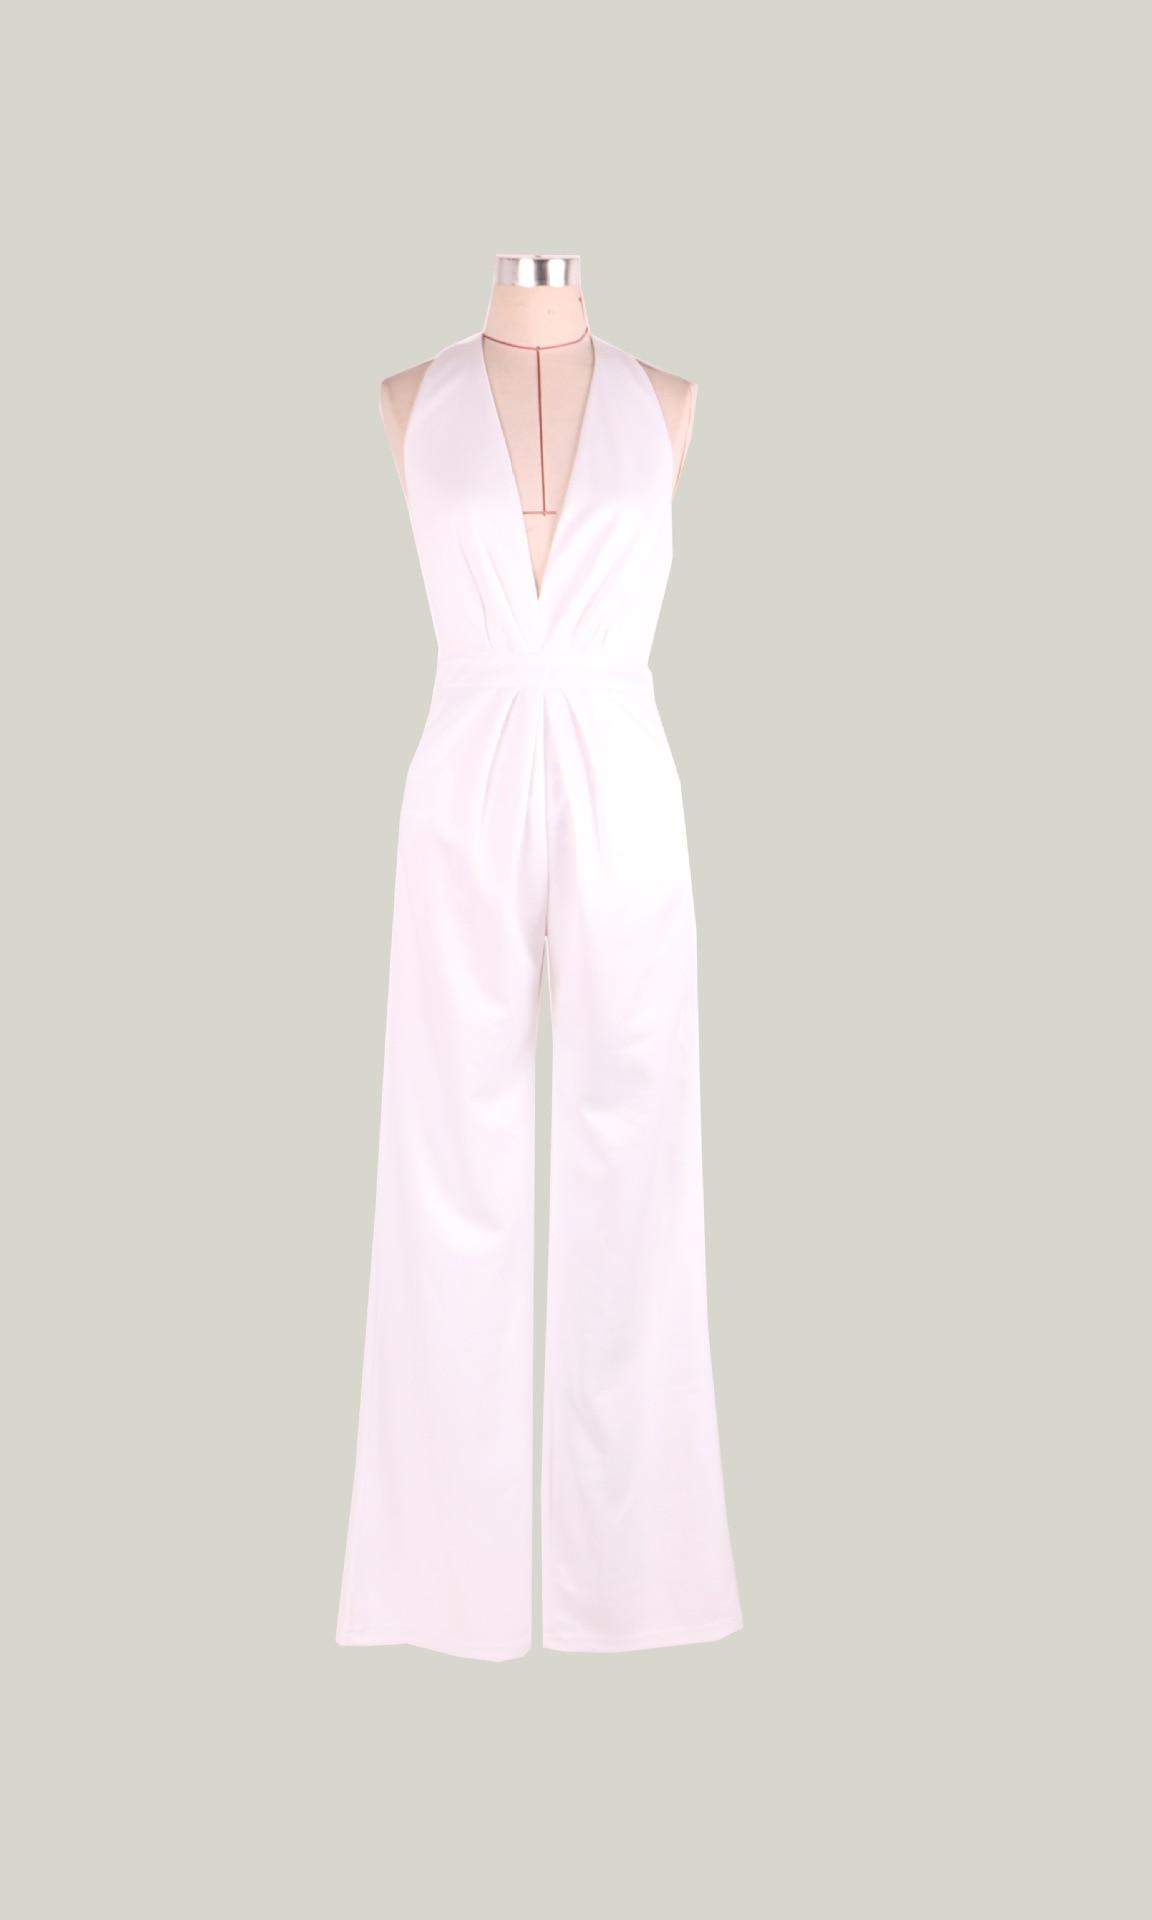 Elegant Long V-neck Sleeveless Bodycon Wide Leg Backless Jumpsuits Romper